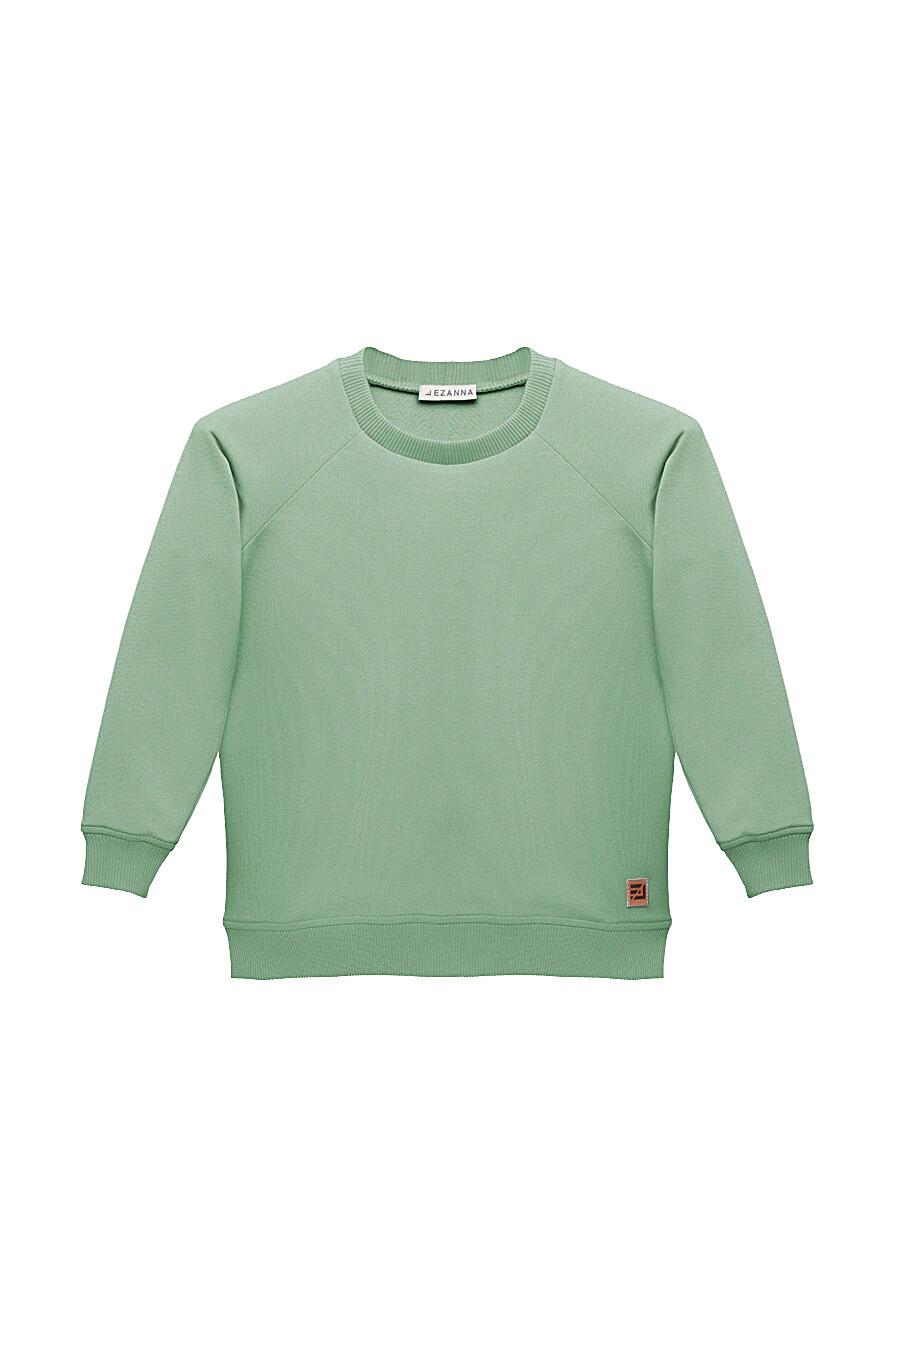 Свитшот для девочек EZANNA 668013 купить оптом от производителя. Совместная покупка детской одежды в OptMoyo